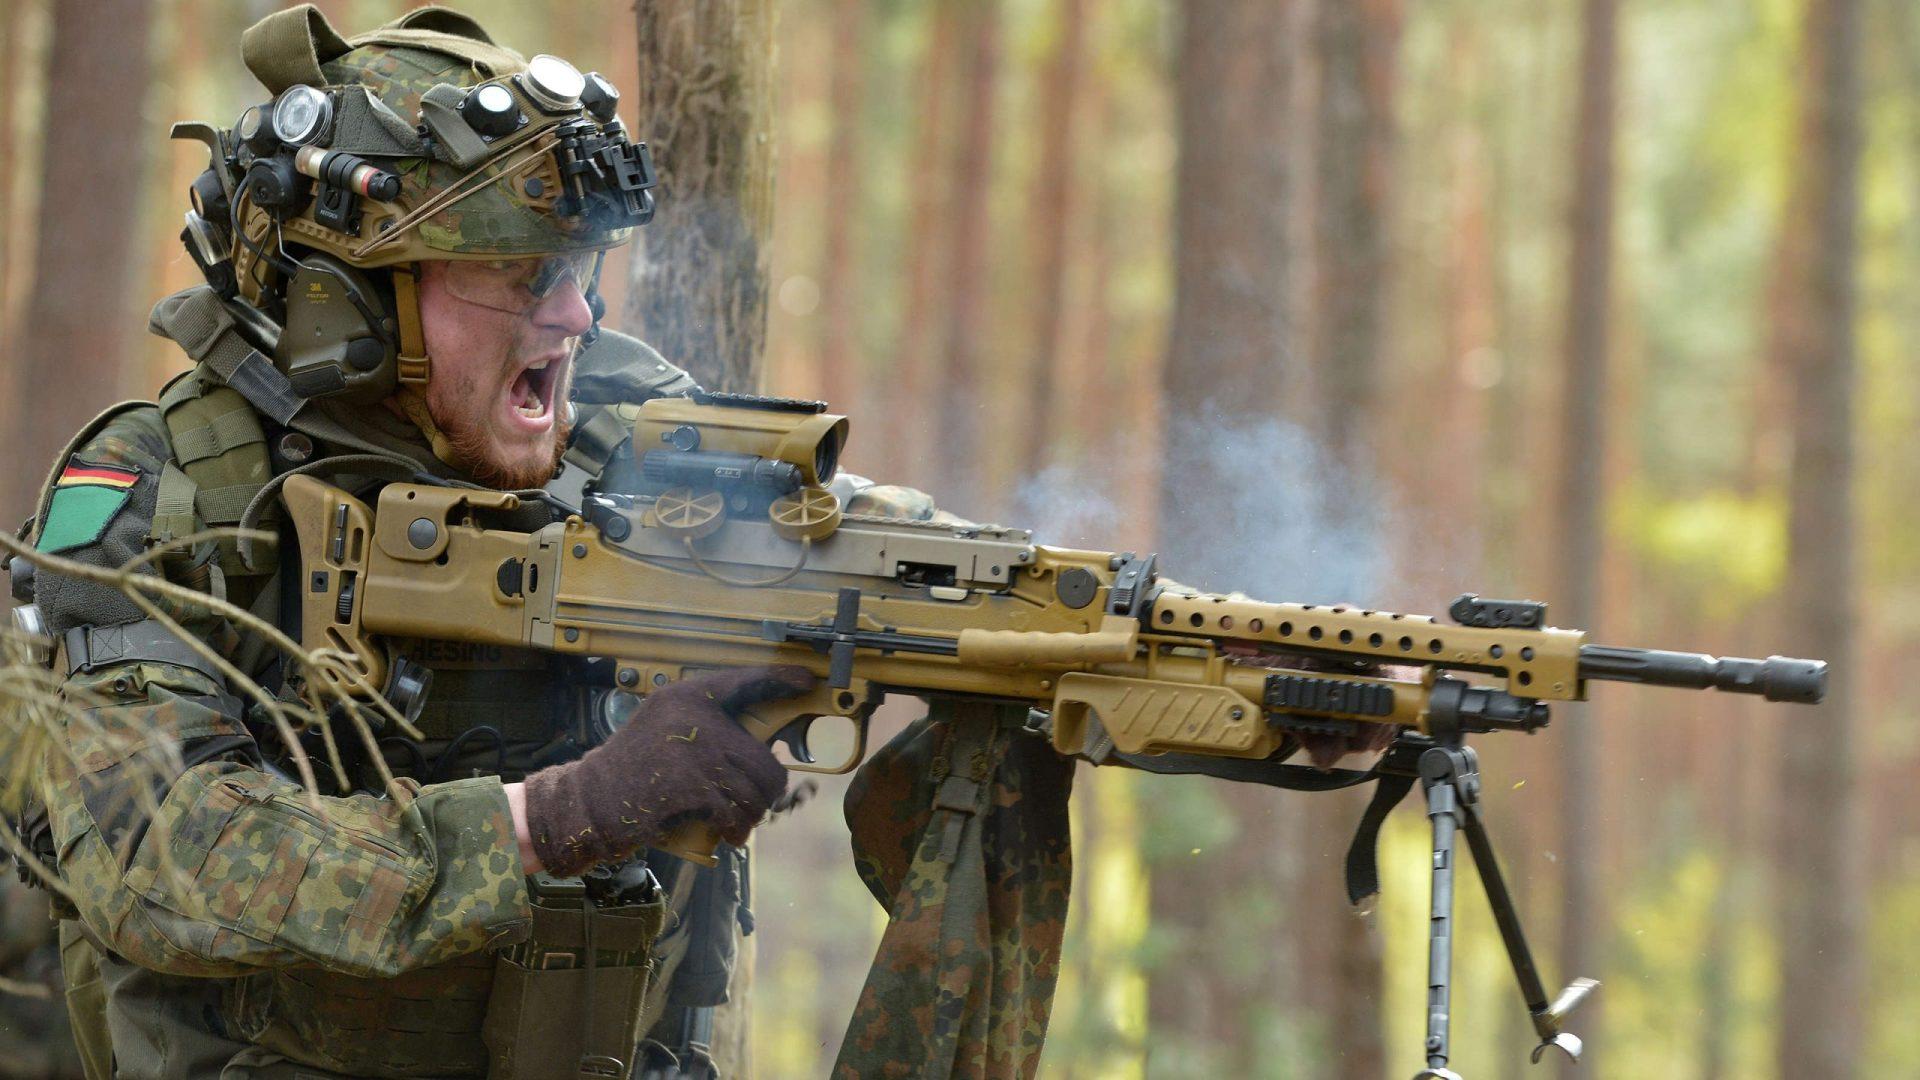 Heckler & Koch mit der Lieferung von MG5 für die Bundeswehr beauftragt